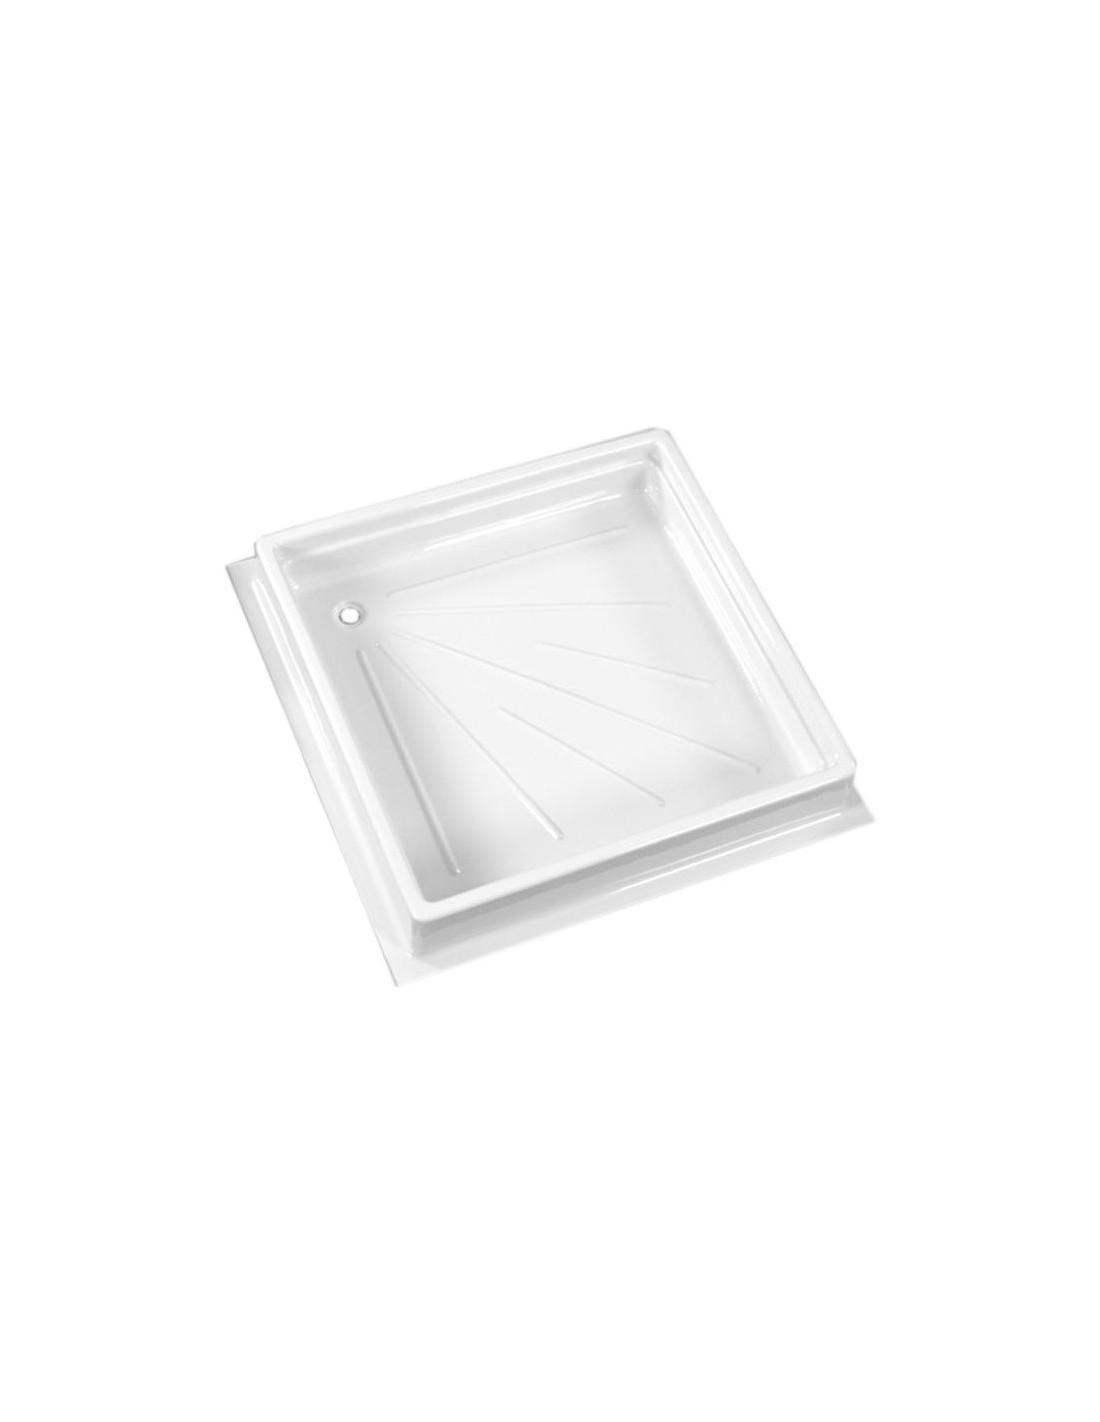 Plato de ducha 680 x 680 mm blanco tienda de camping online for Accesorios plato ducha